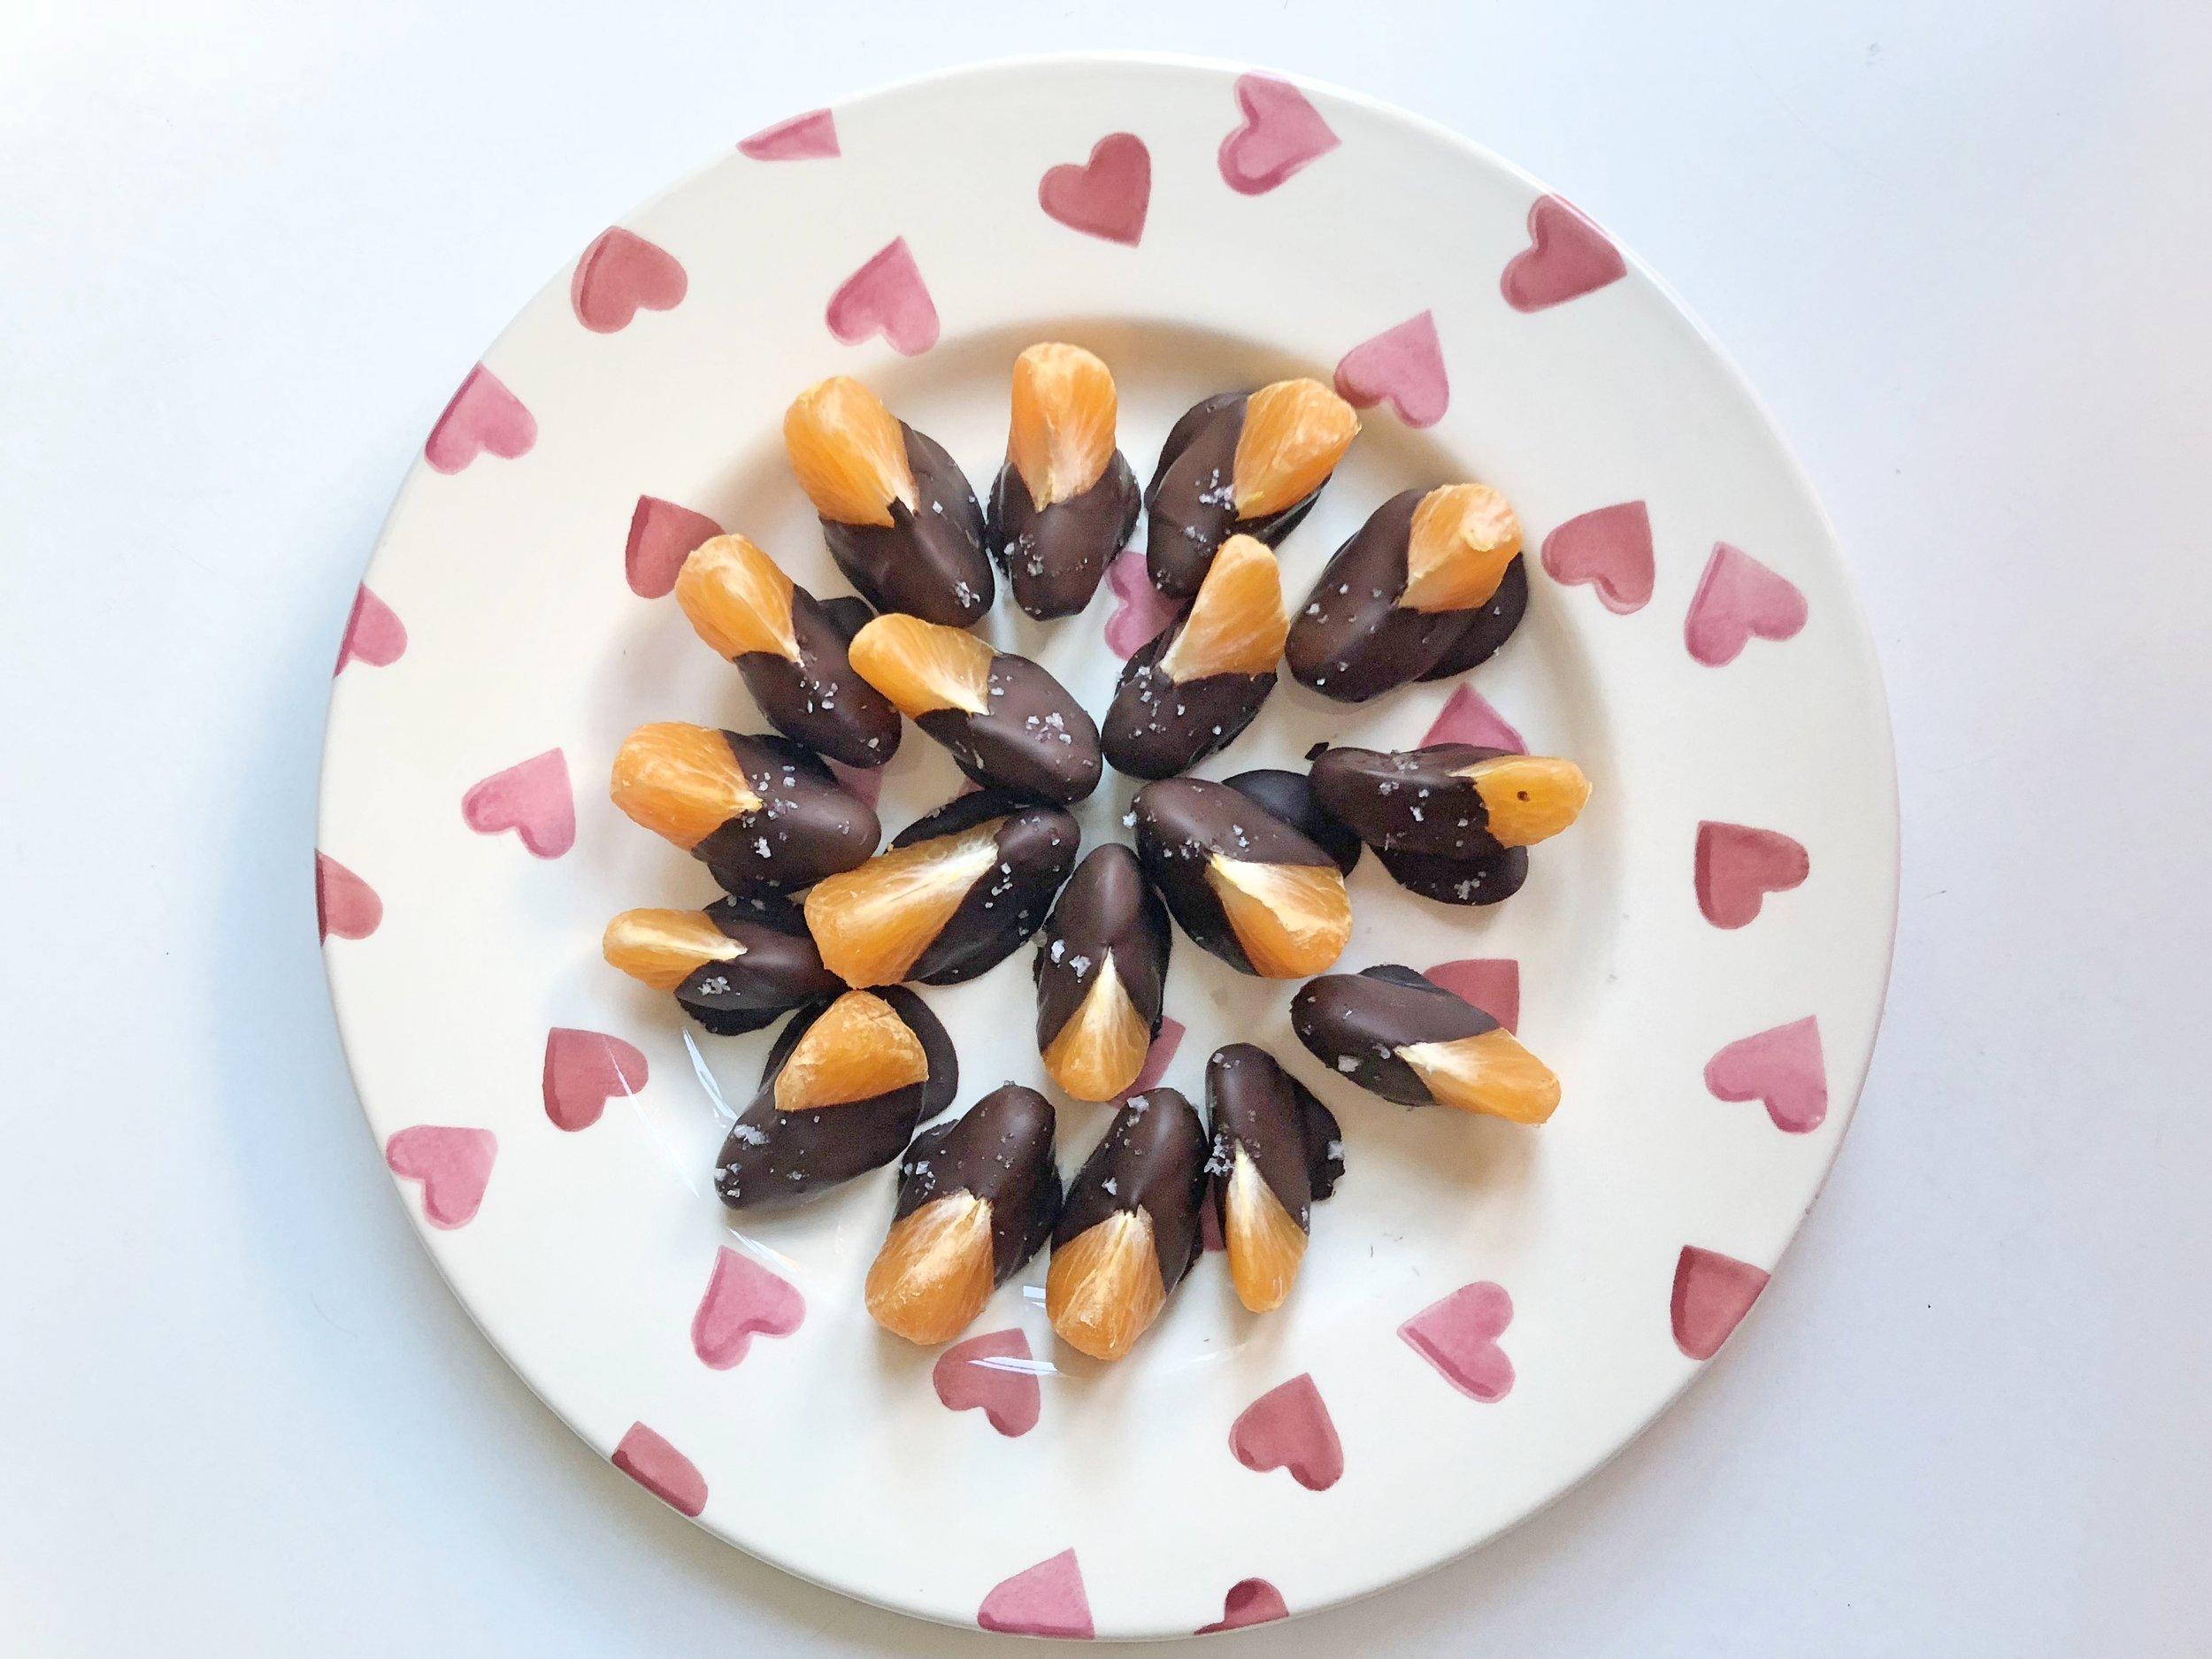 Chocolate-dipped-satsumas-1.jpg